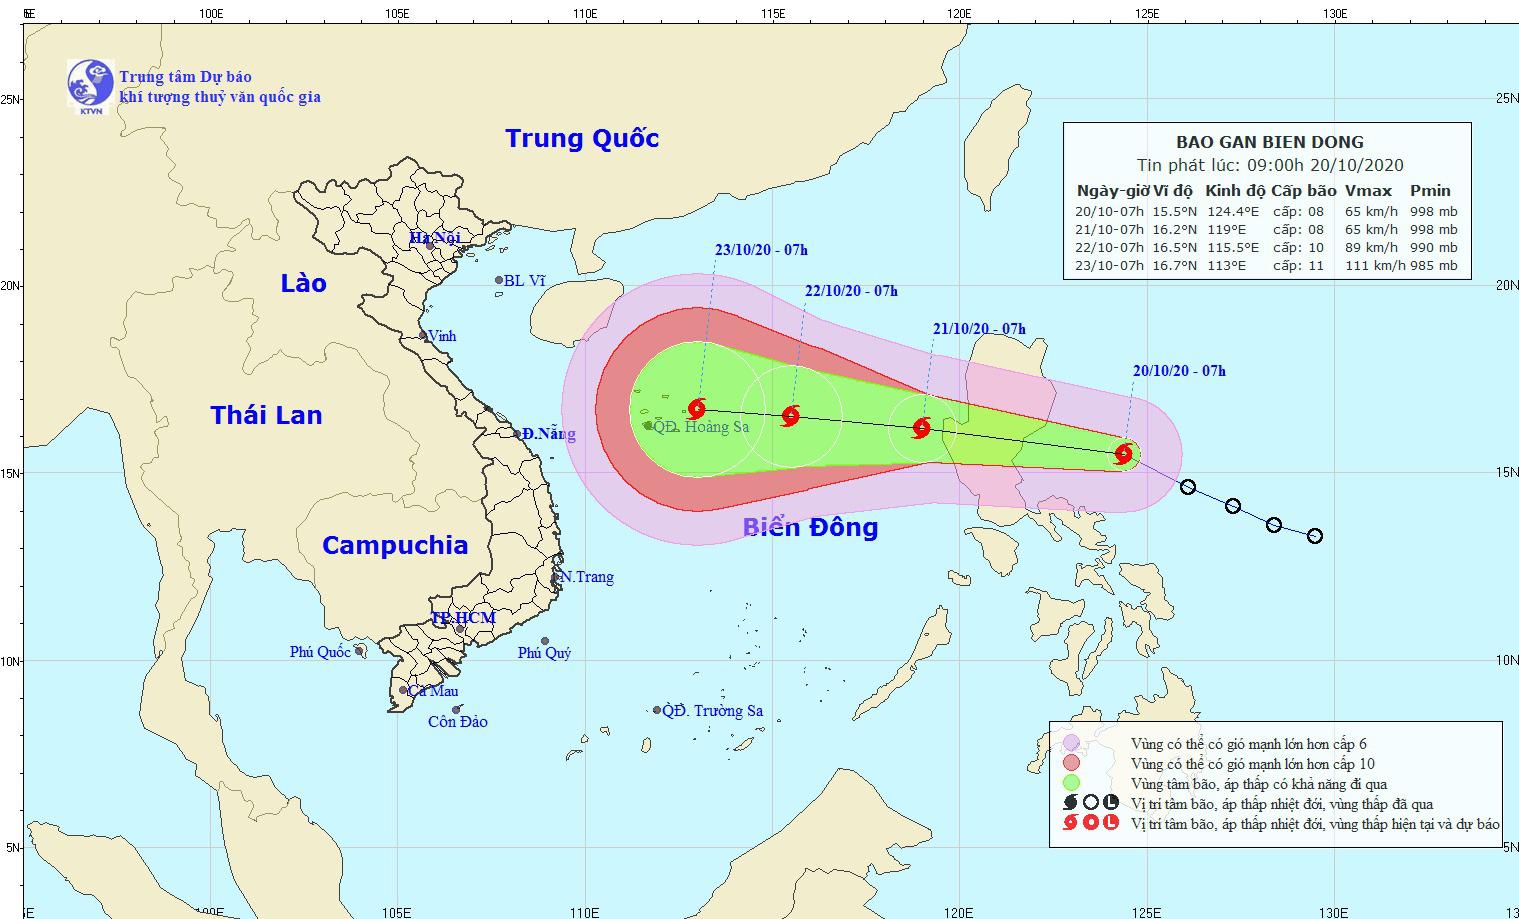 Nóng: Dự kiến, sáng mai 21/10, bão Saudel đi vào biển Đông, thành bão số 8 - Ảnh 1.